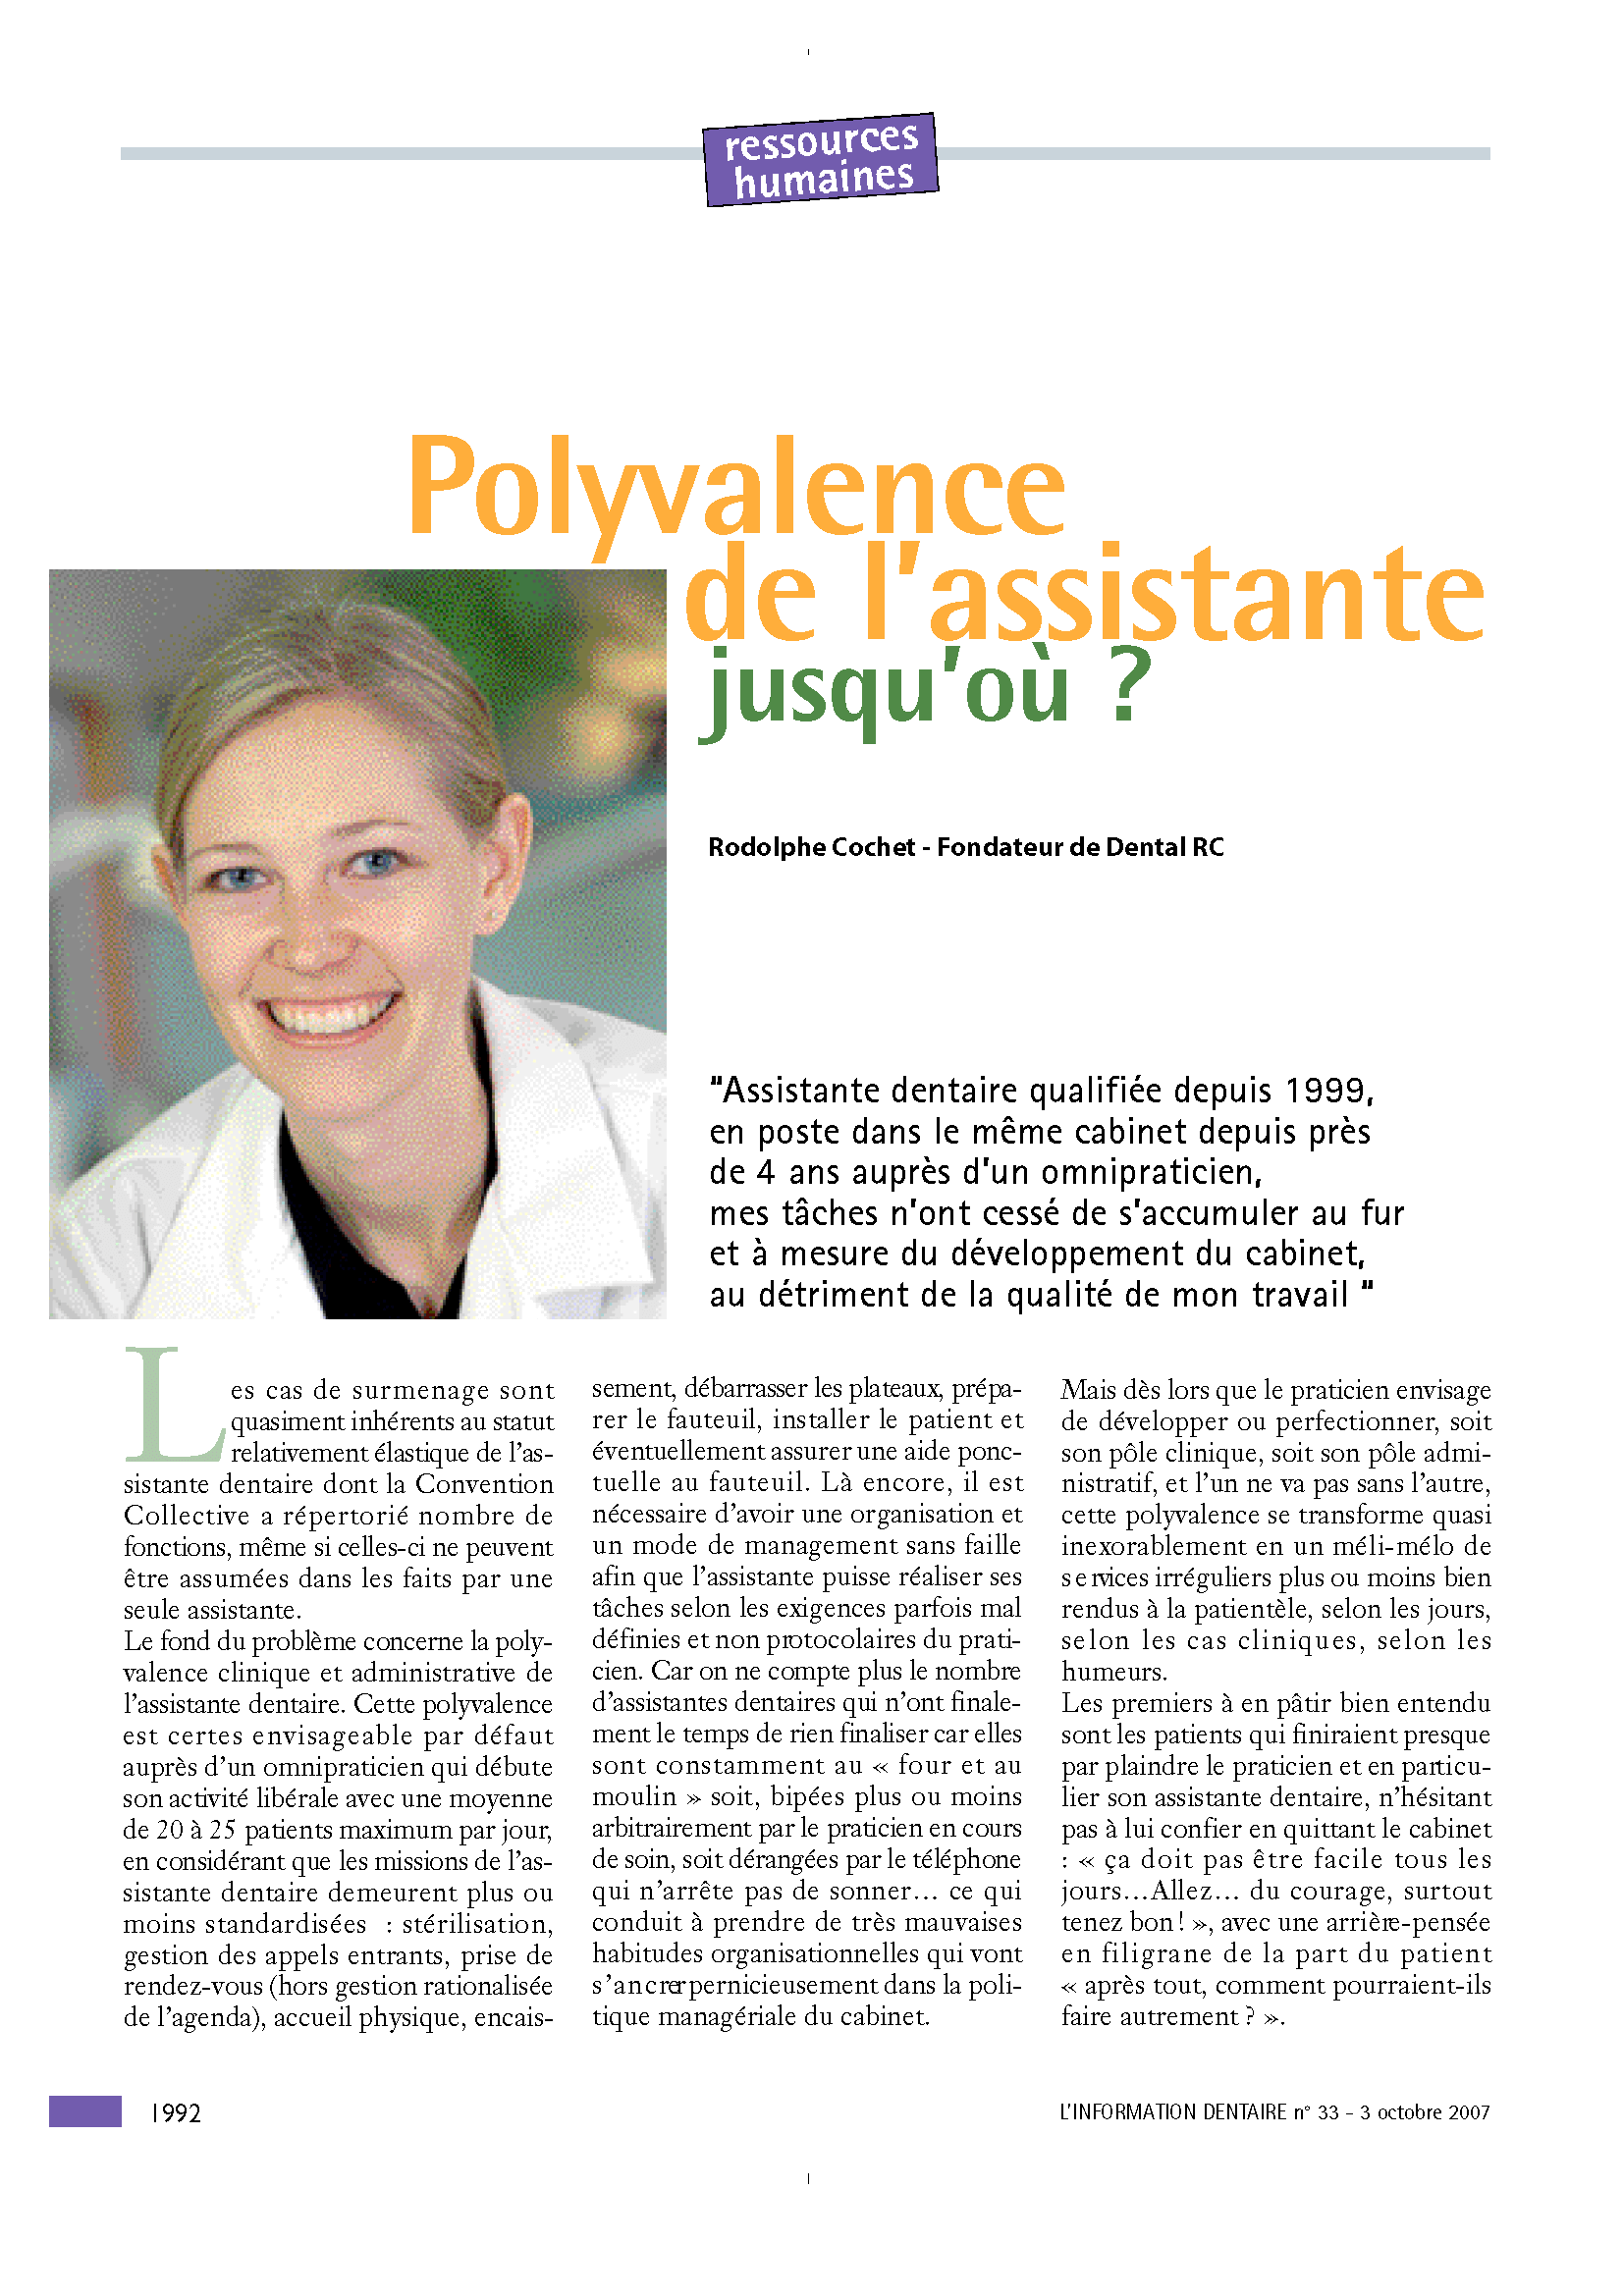 Information Dentaire - La Polyvalence de l'assistante dentaire - Rodolphe Cochet.png